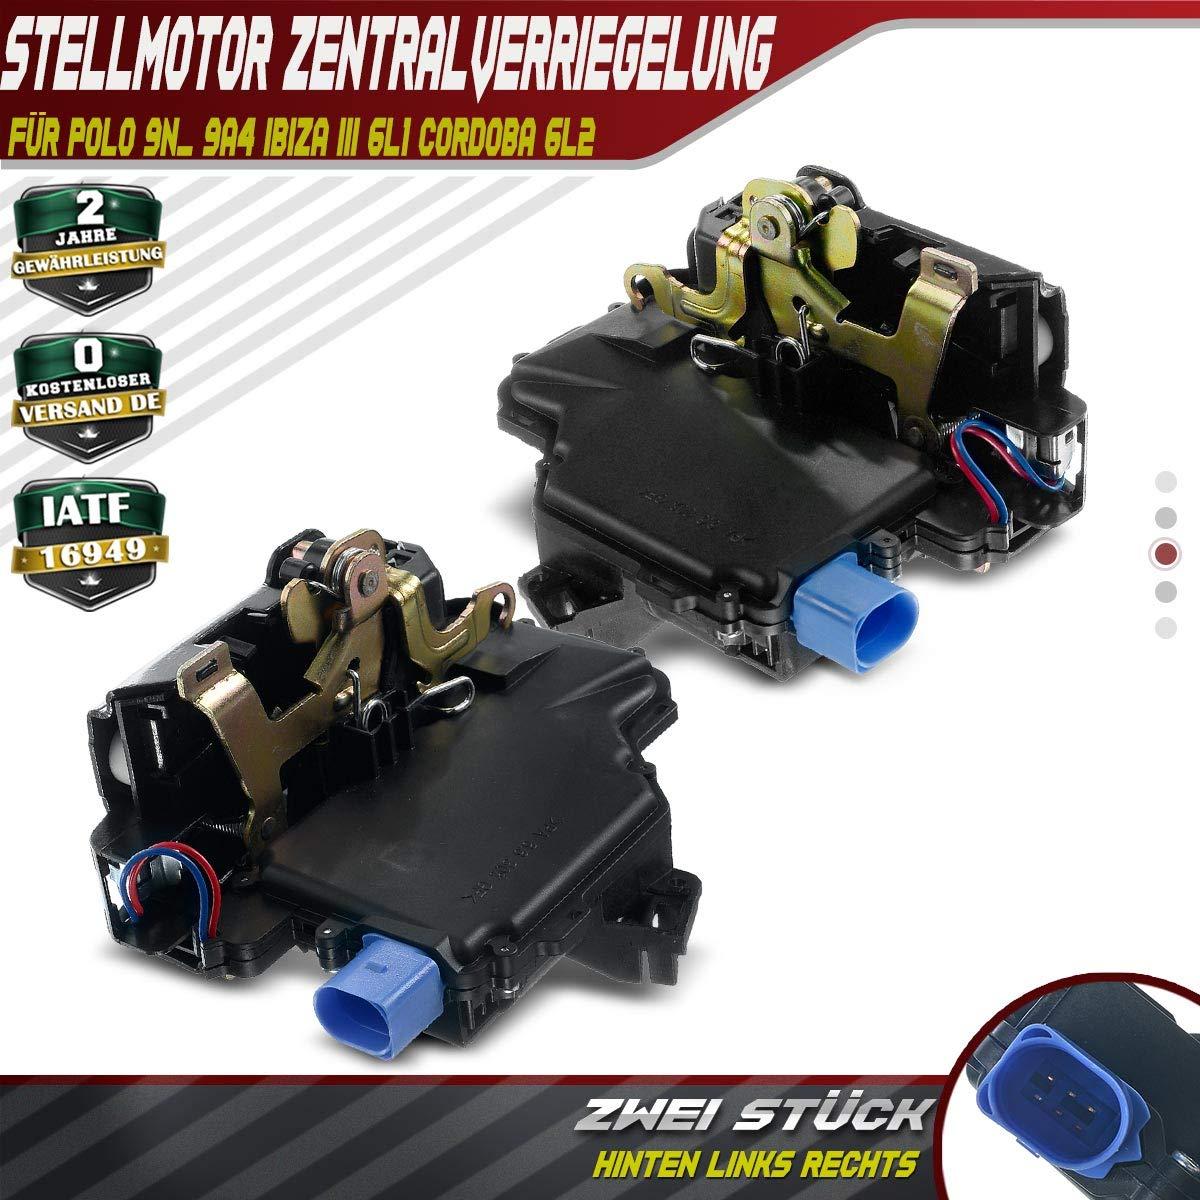 2X Stellelement Zentralverriegelung Hinten Links Rechts f/ür Polo 9N/_ 9A4 Ibiza III 6L1 Cordoba 6L2 Schr/ägheck 2001-2009 3B4839015AG